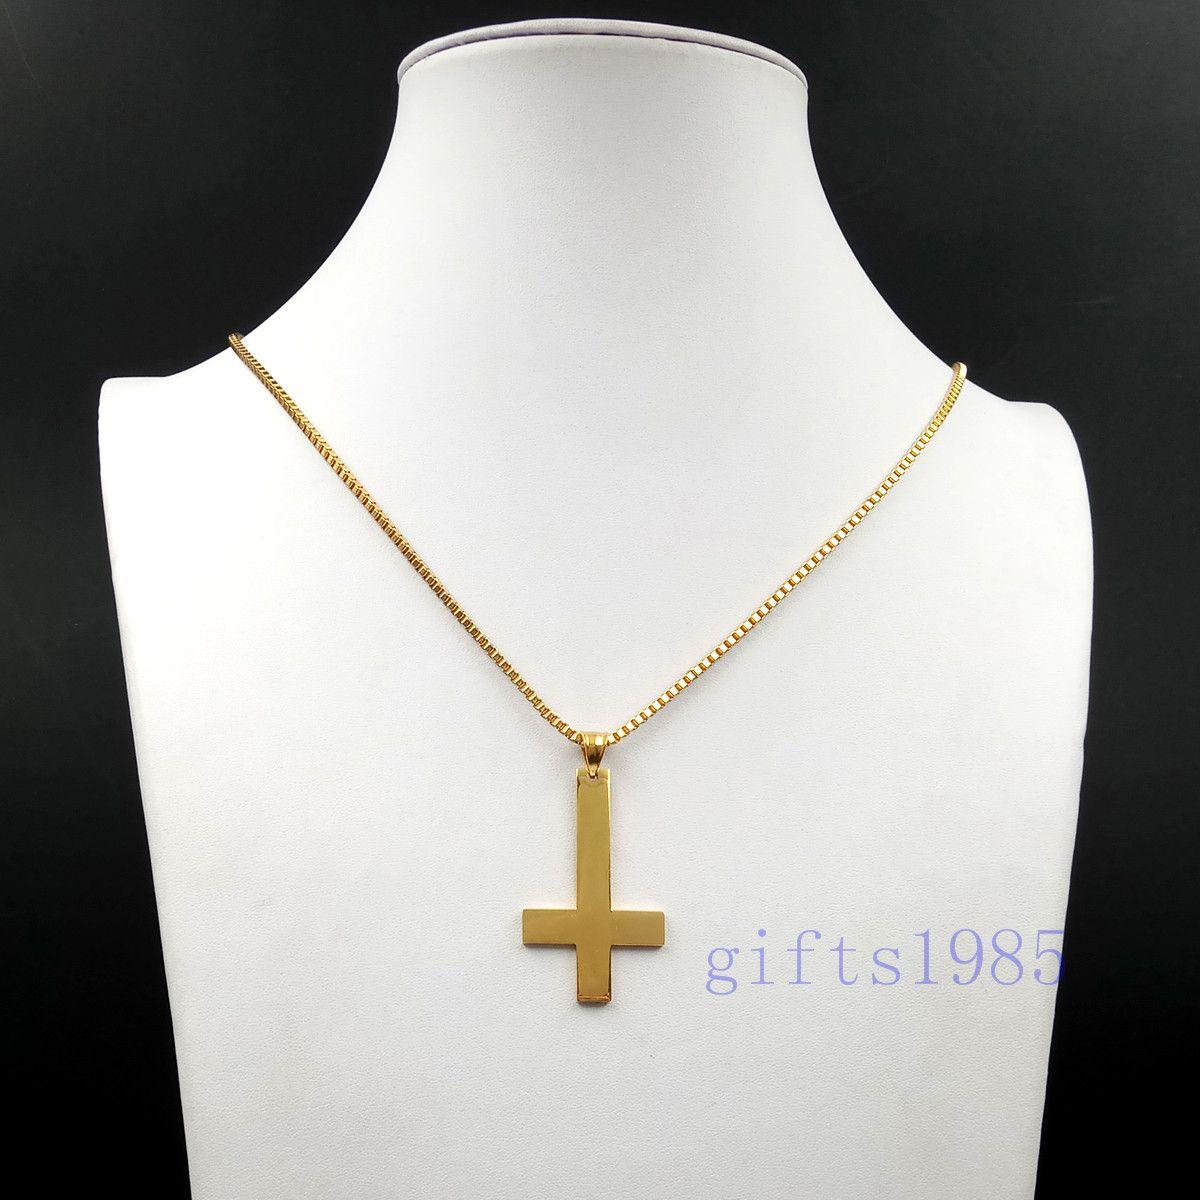 Croce di San Pietro Upside Down Cross in acciaio inossidabile dorato pendente ciondolo collana da 30 pollici catena regalo degli uomini